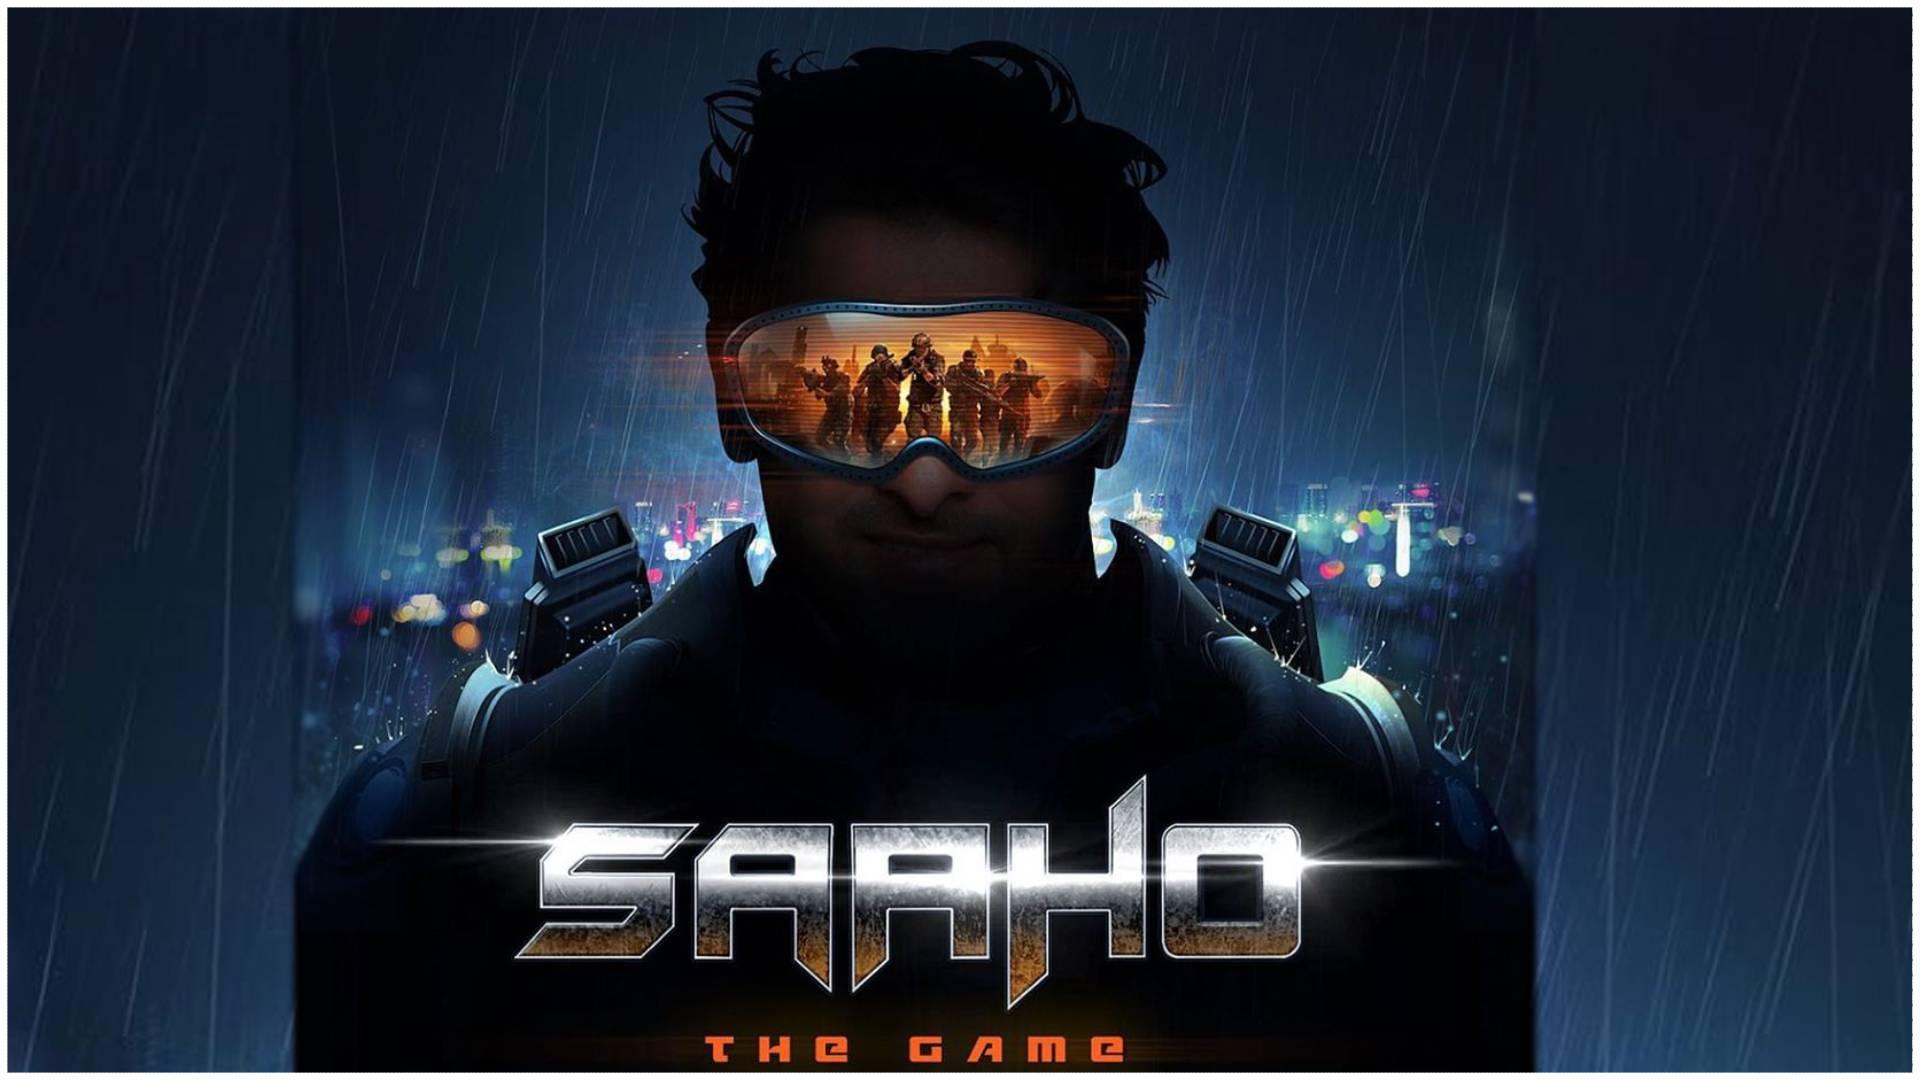 Saaho: साहो द गेम का फर्स्ट लुक हुआ जारी, प्रभास ने फिल्म की रिलीज़ से पहले अपने फैंस को दिया ये खास तोहफा